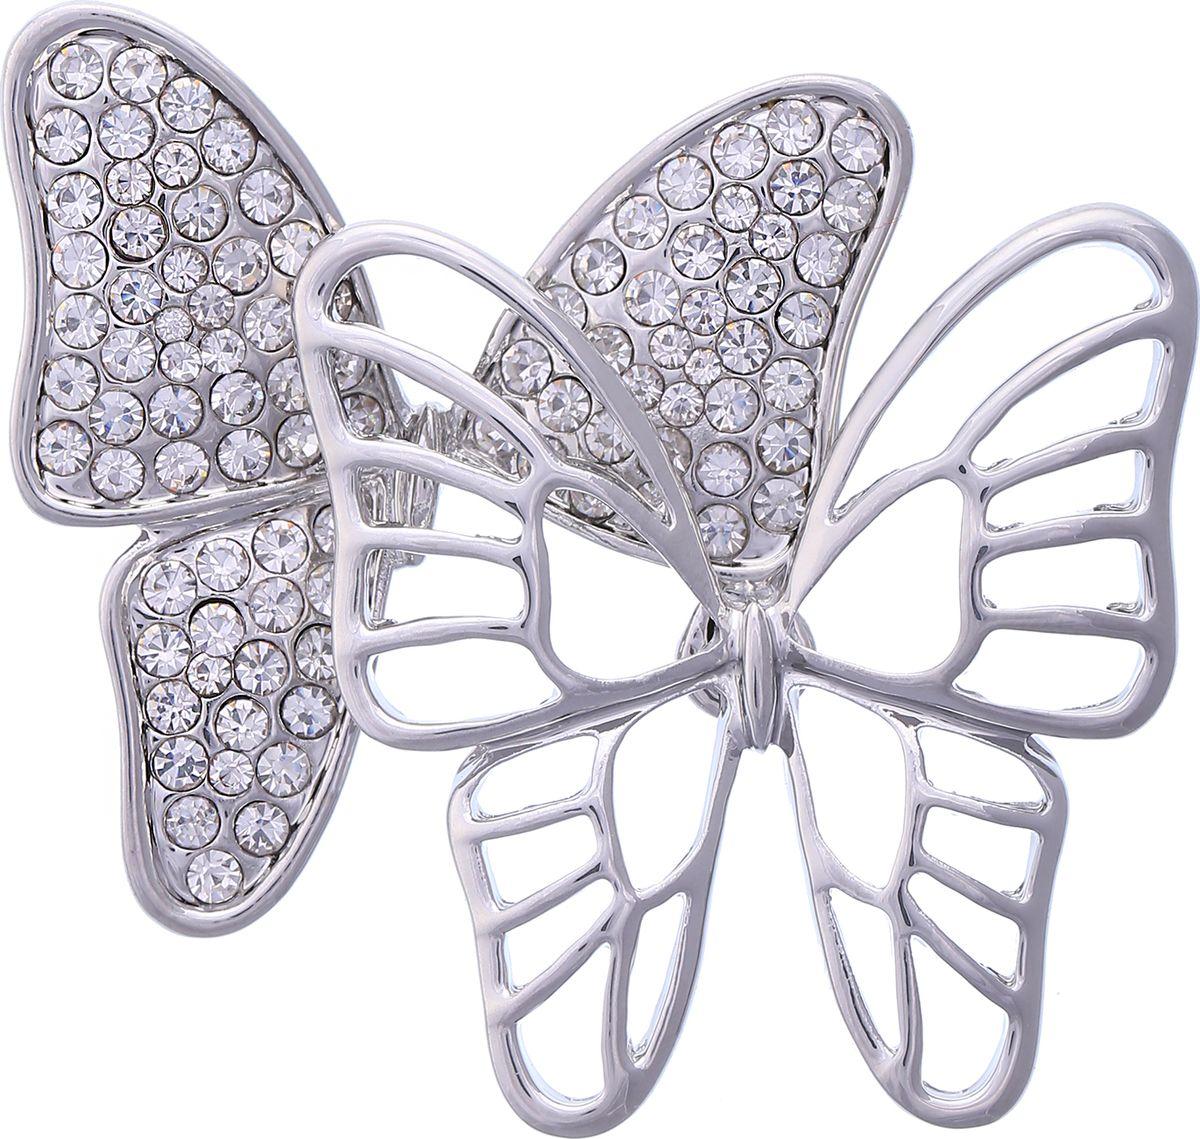 Брошь Модные истории, цвет: серебристый. 19/0351/88819/0351/888Восхитительная брошь оформленная в виде бабочек. Выполнена из бижутерного сплава серебристого цвета, декорированная стразами. Застежка булавка. Размер броши: 5*4см.